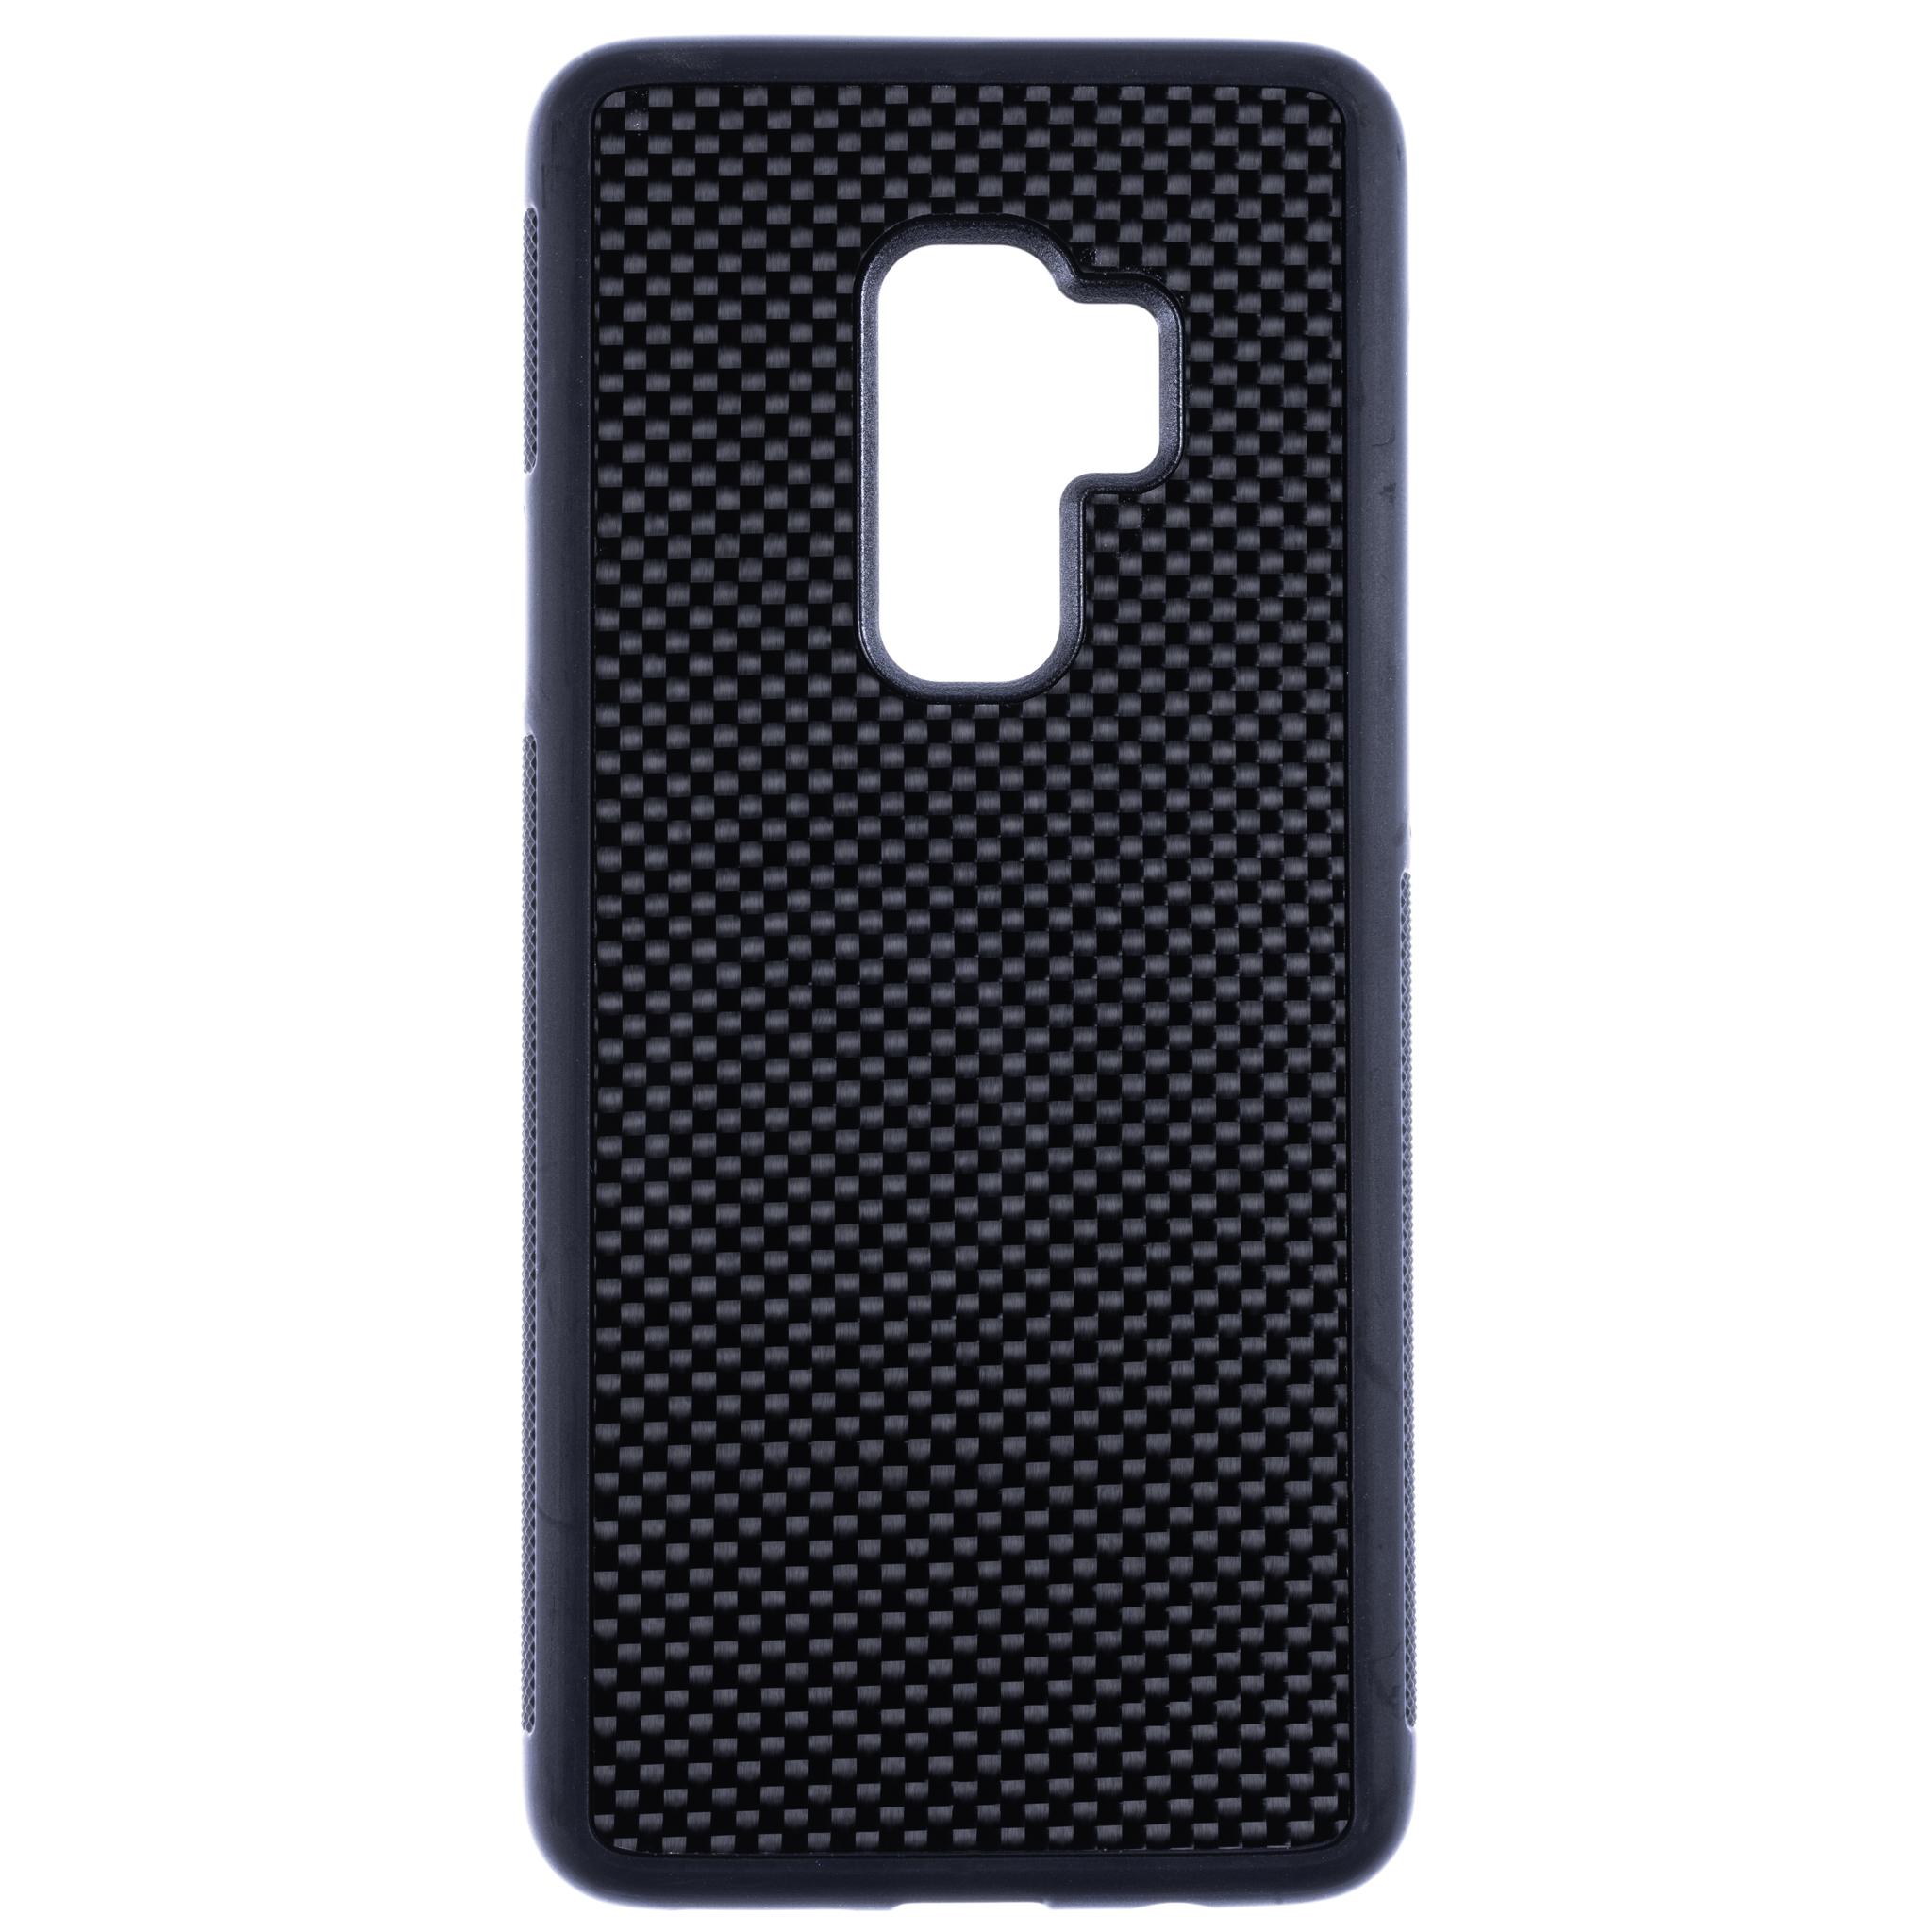 Samsung S9 Plus Carbon Fibre Case